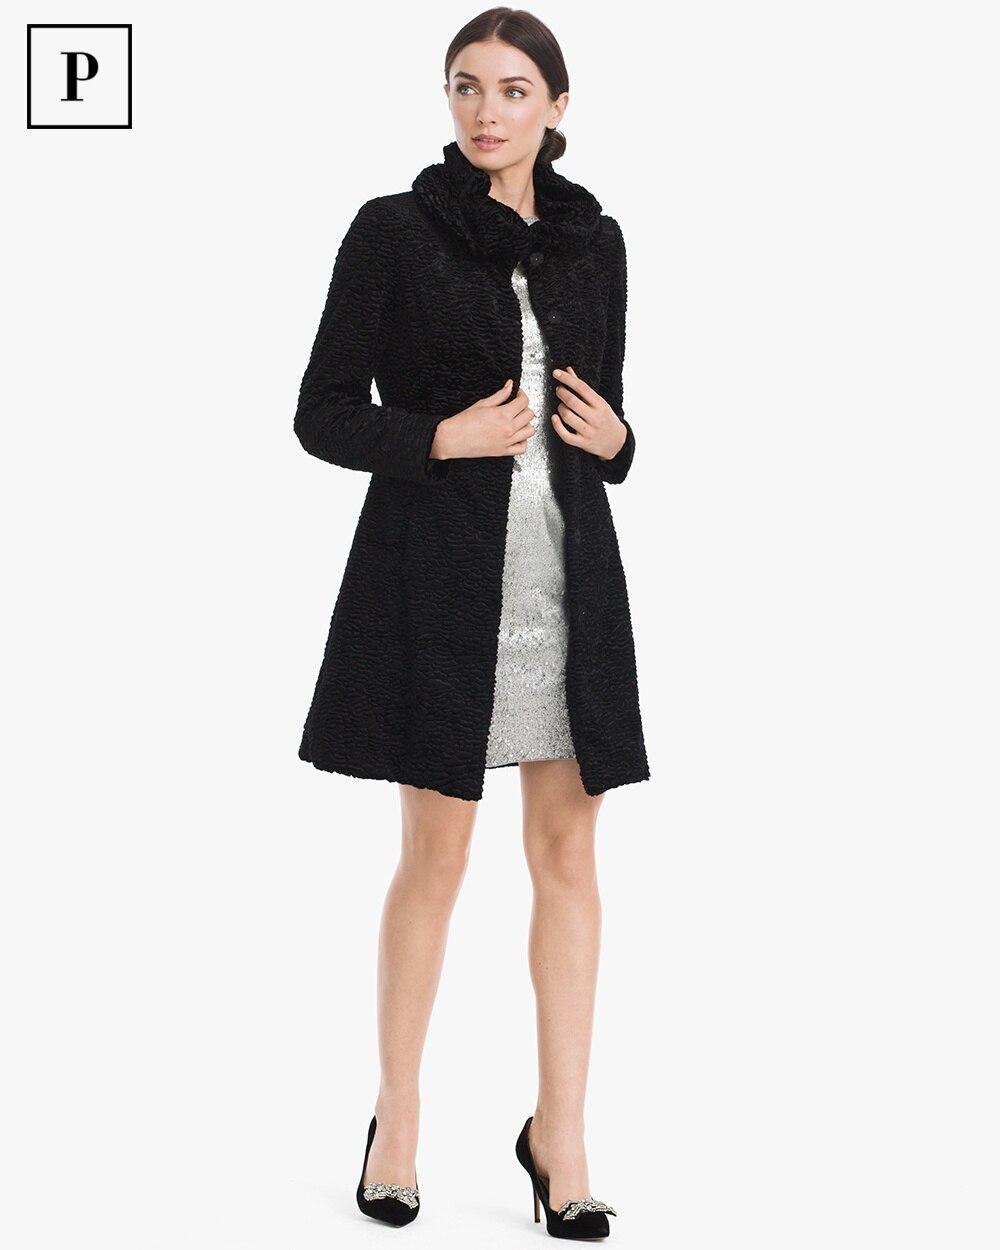 c47e1154c879e Shop Women s Petite Clothing - White House Black Market